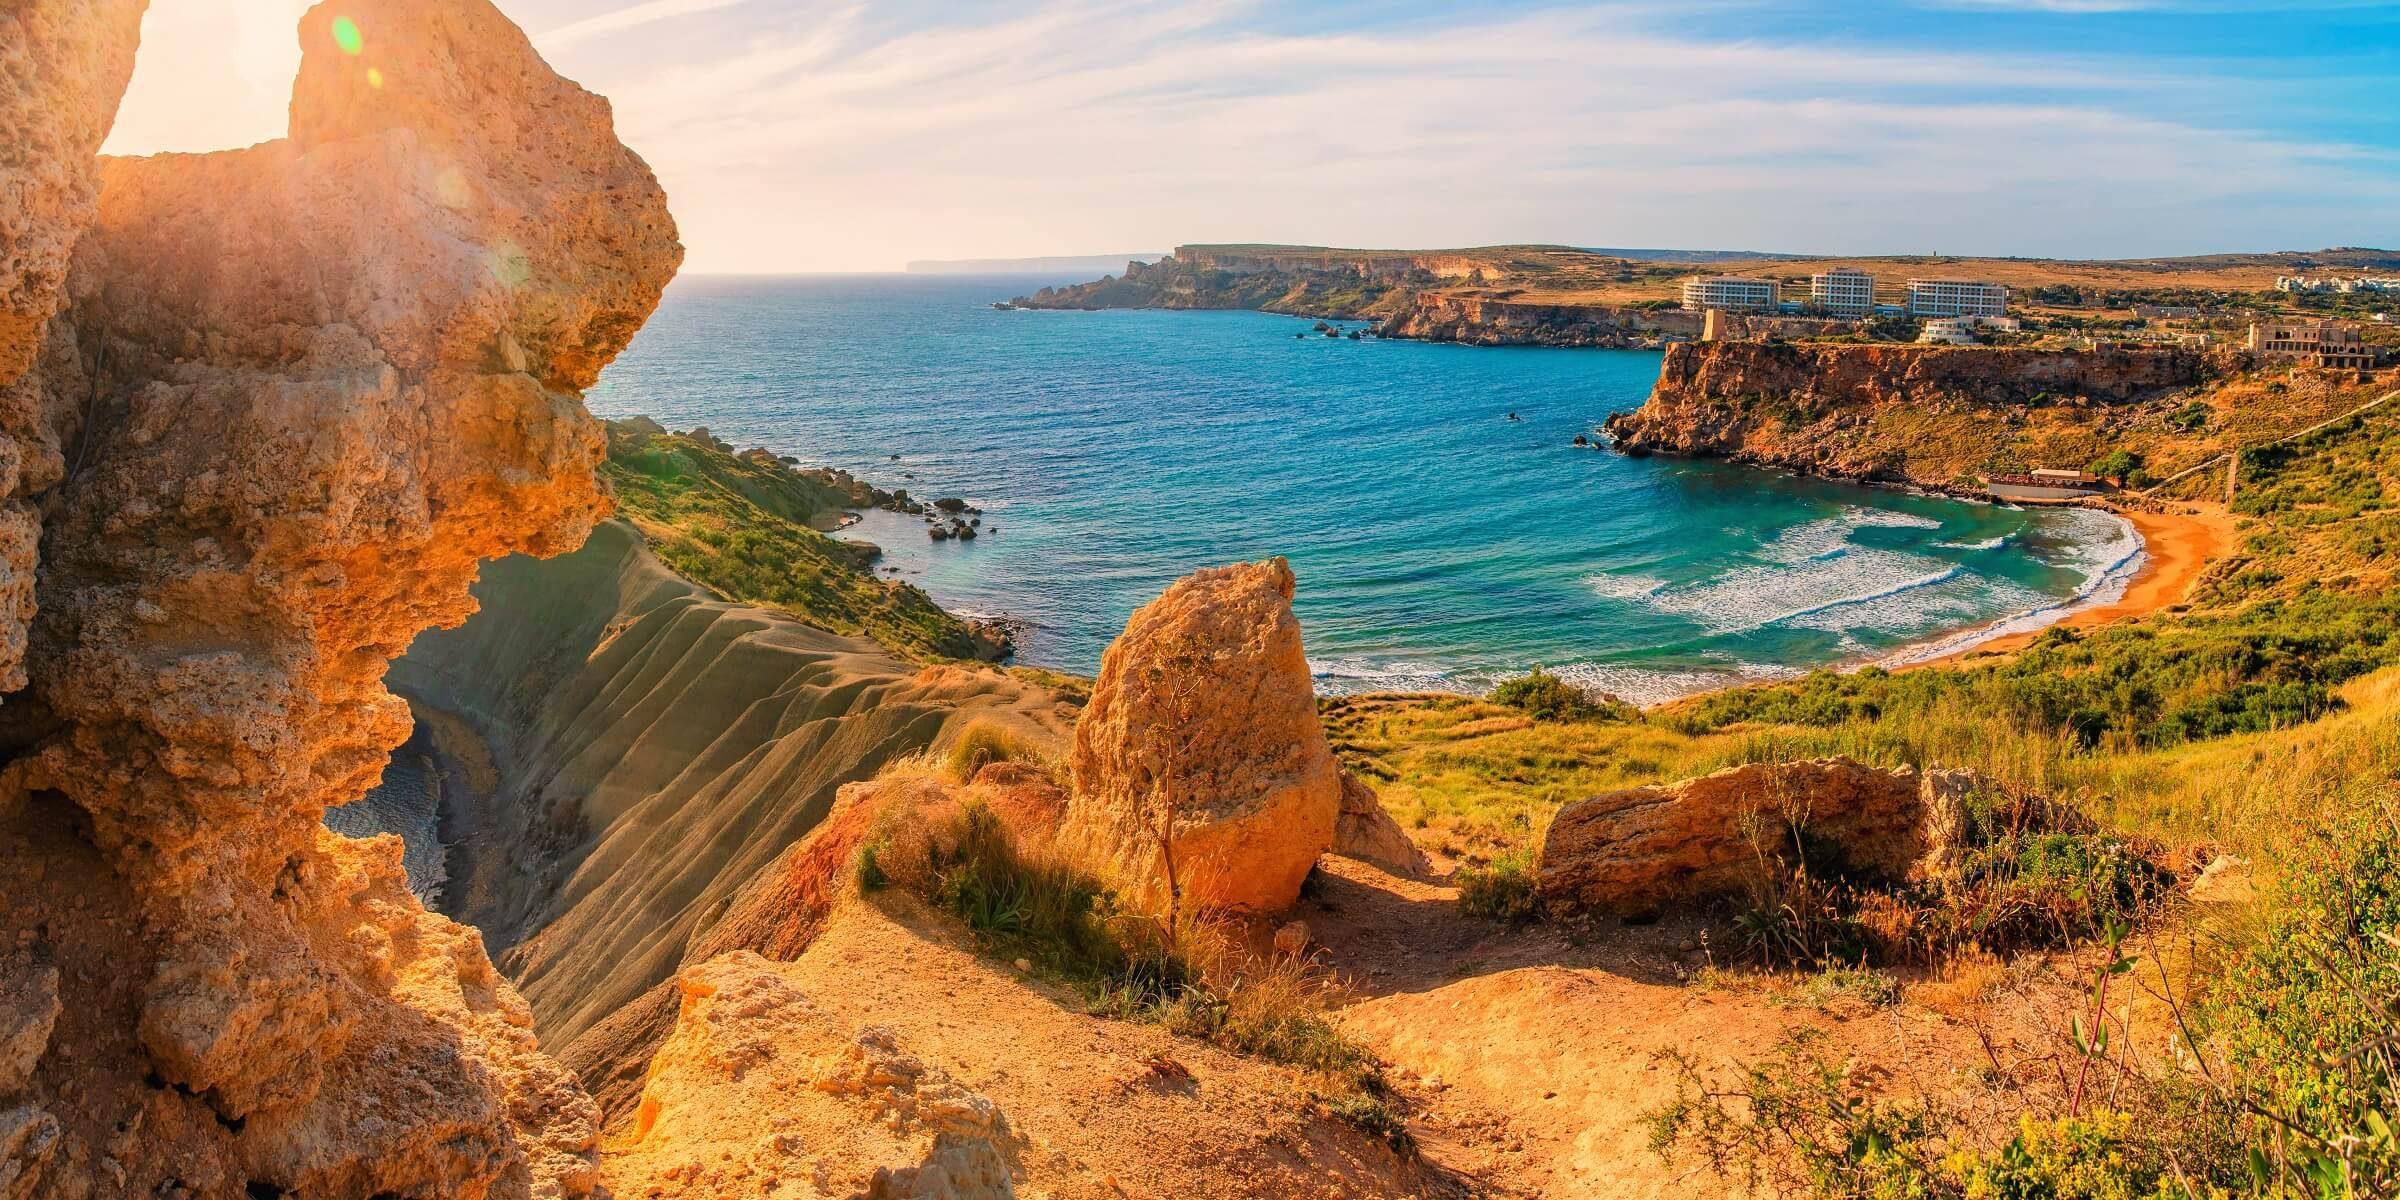 Auf Ihrer Singlereise nach Malta erwarten Sie traumhafte Strände